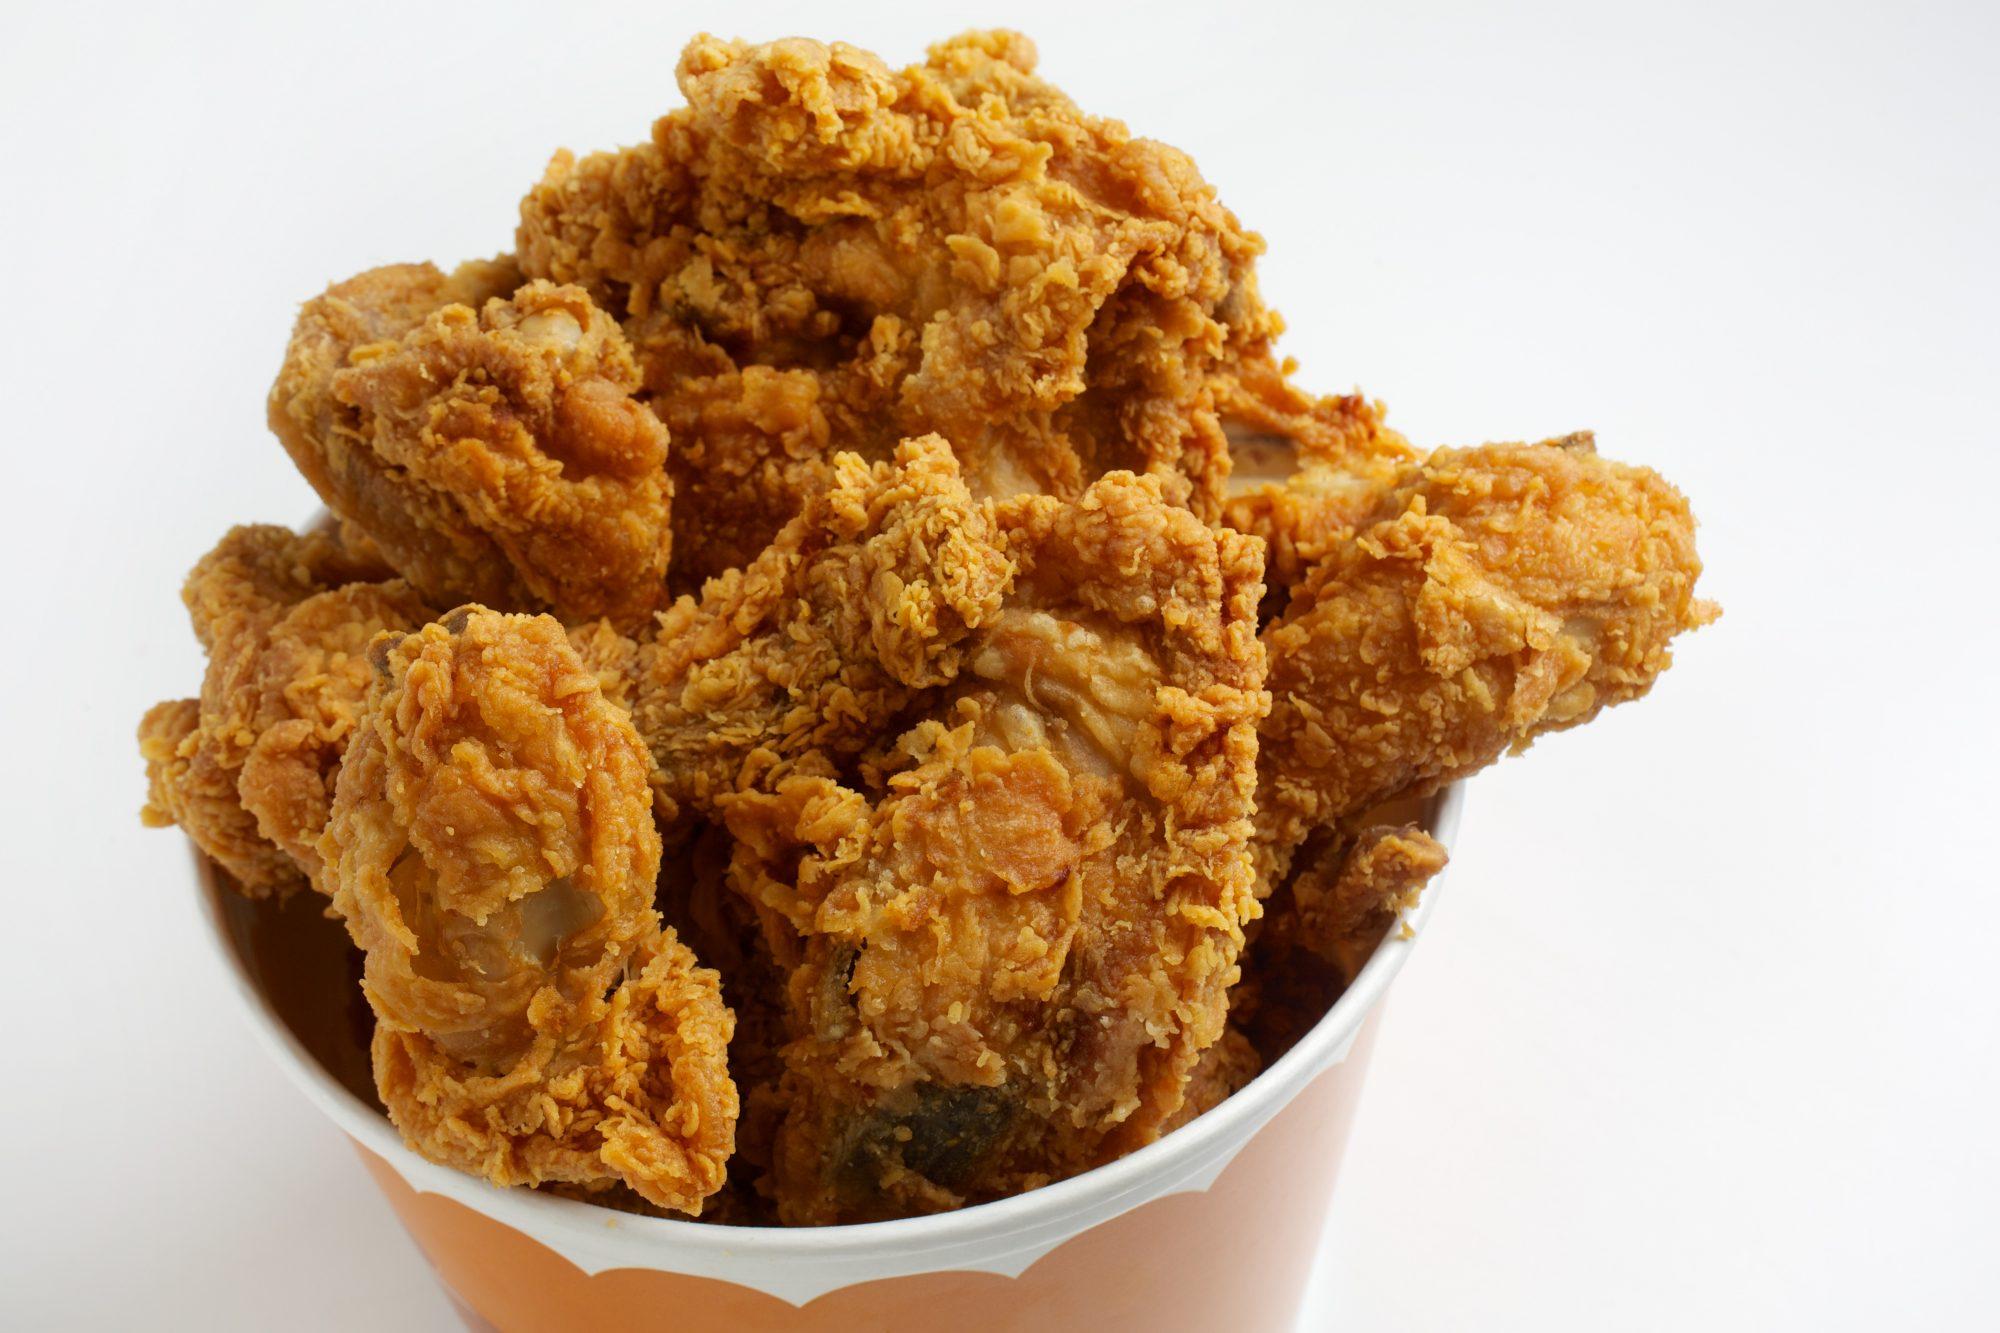 The Great Fried Chicken Marinade Debate: Buttermilk or Brine